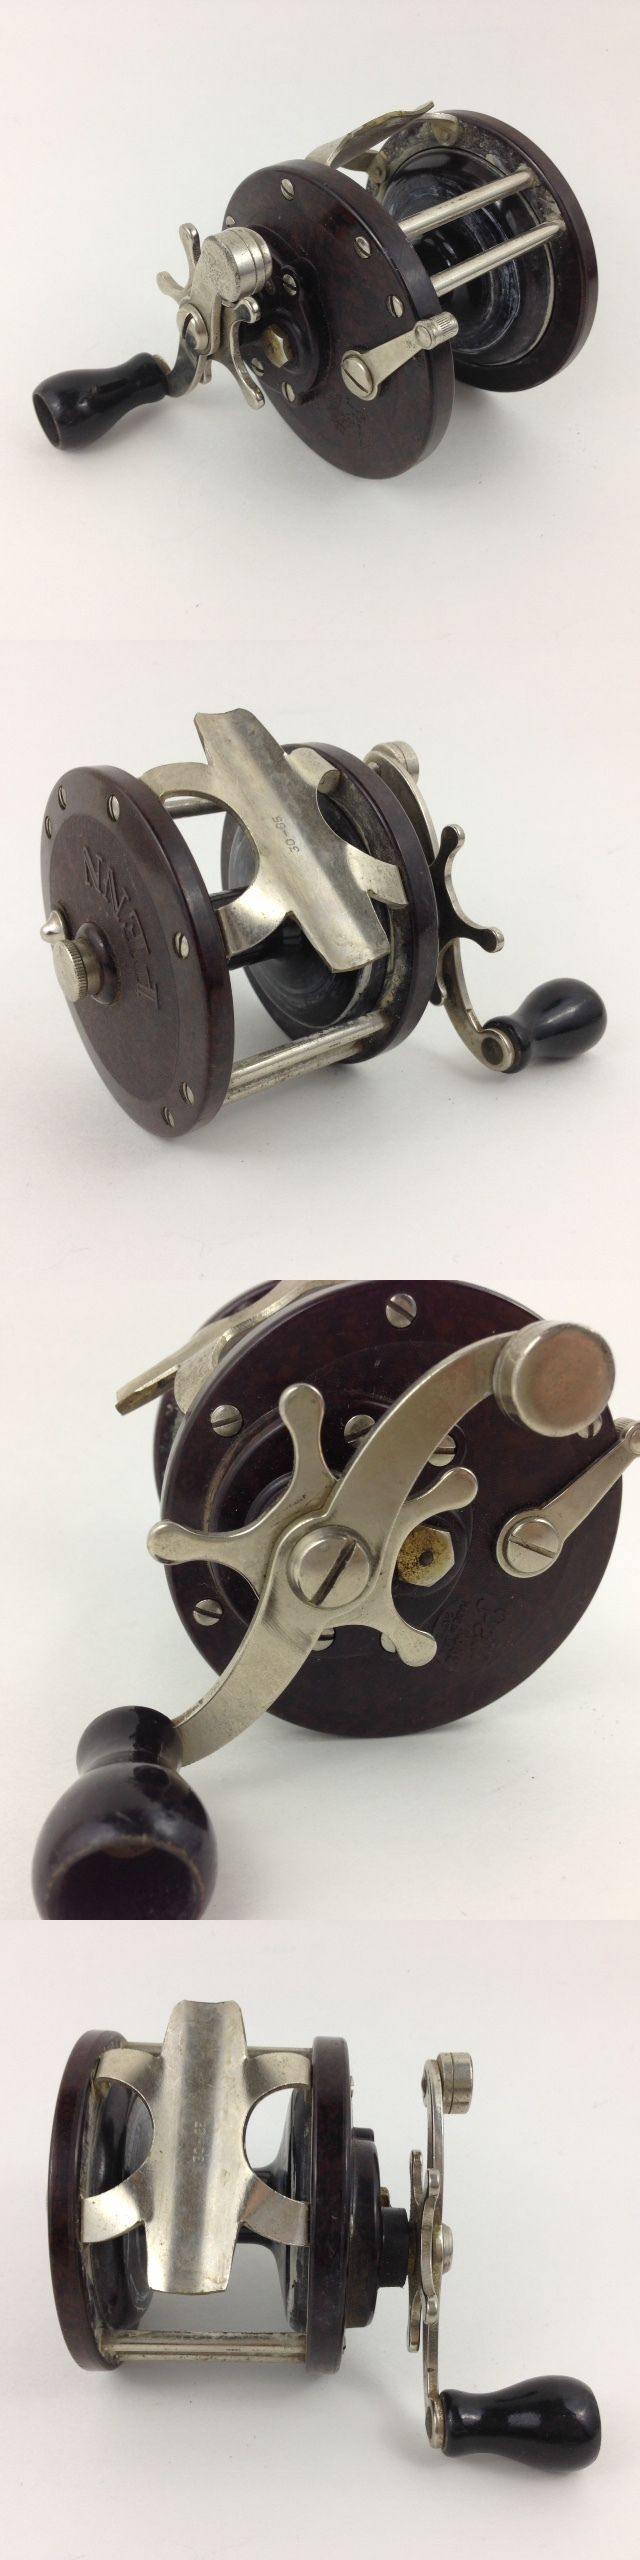 Other Vintage Fishing Reels 11143: Vintage Penn Fishing Reel No.85 Used Working 85 Bakelite Wooden Handle BUY IT NOW ONLY: $44.95